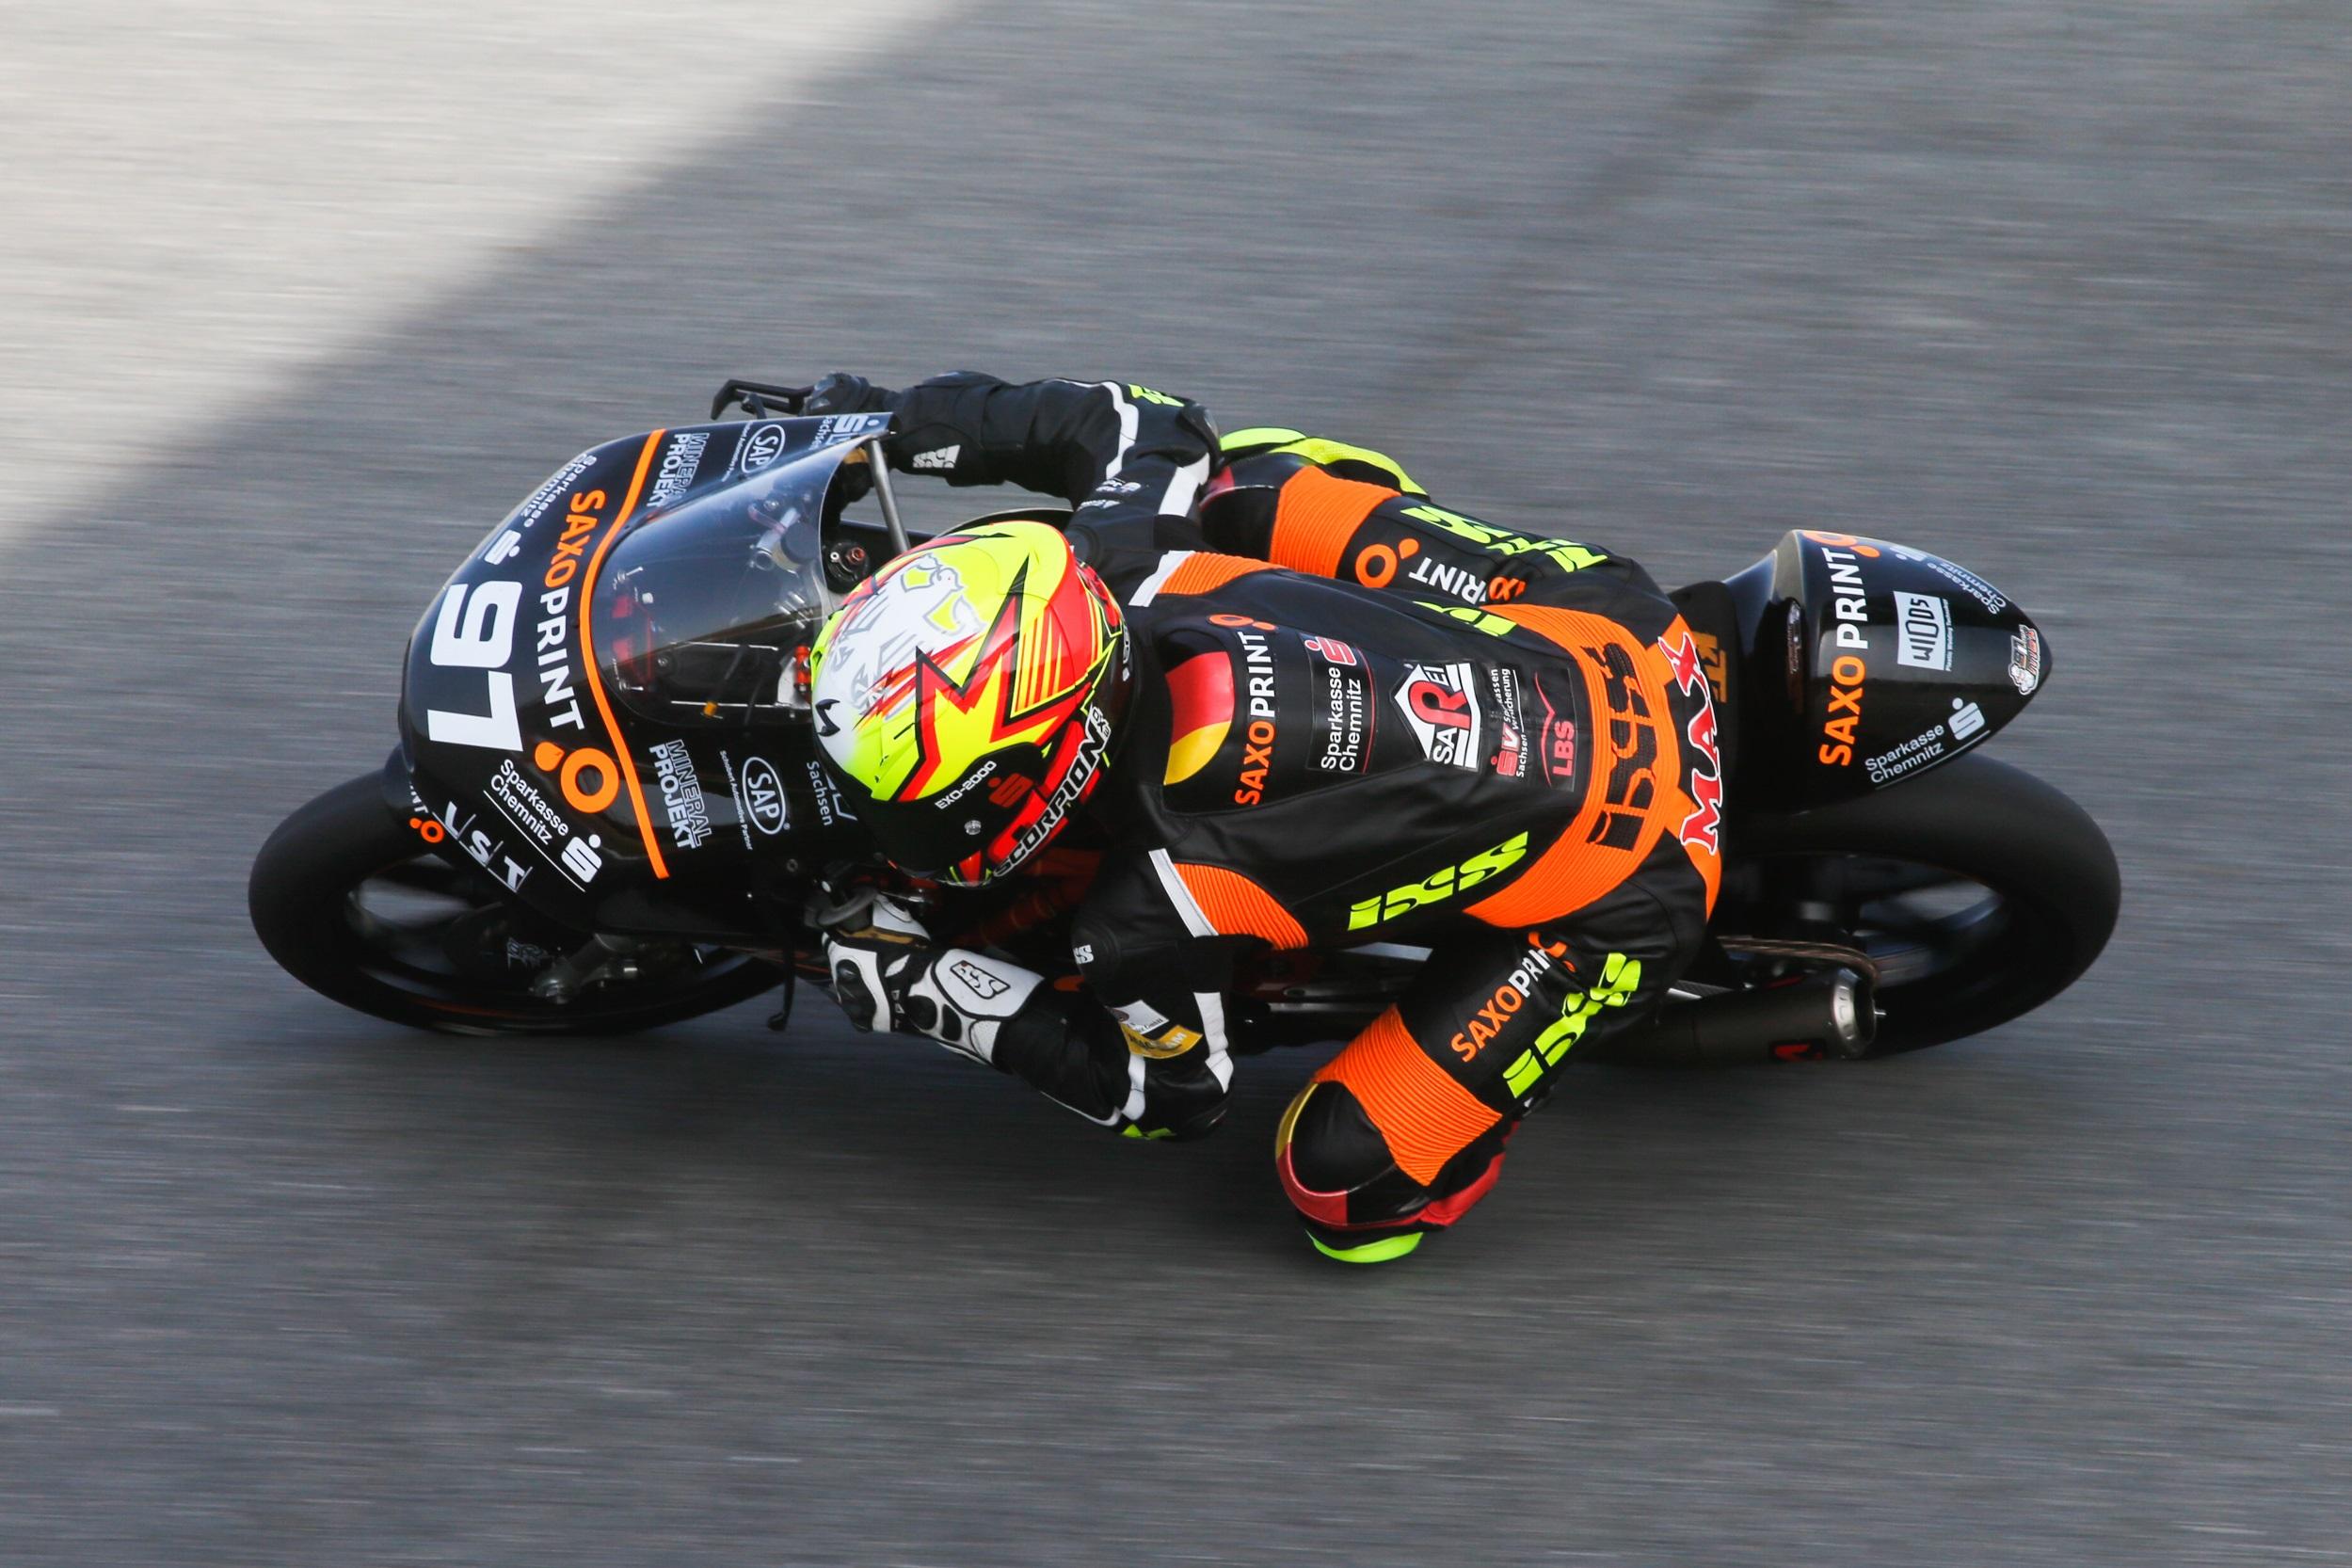 Max Kappler mit Punkterang in der Moto3 zur FIM CEV Repsol 2016 an der Algarve